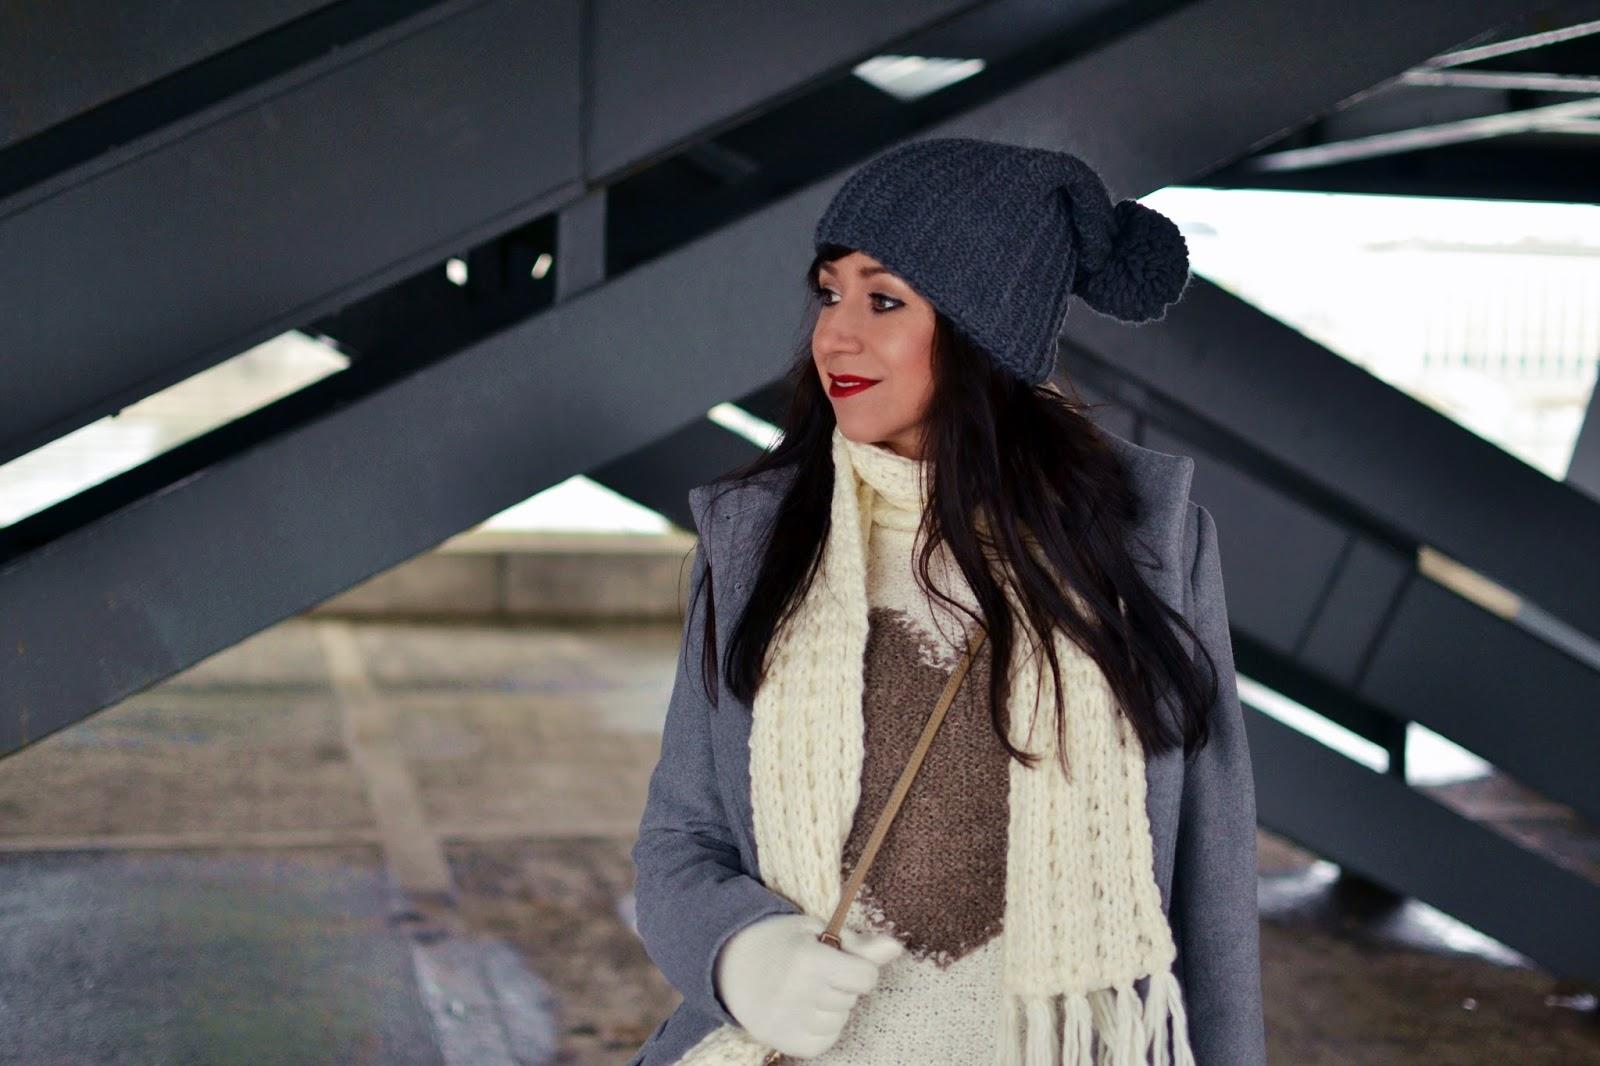 TY A BLOG_Katharine-fashion is beautiful_Sivá čiapka_Sivé džínsy_Krémový šál_Katarína Jakubčová_Fashion blogger